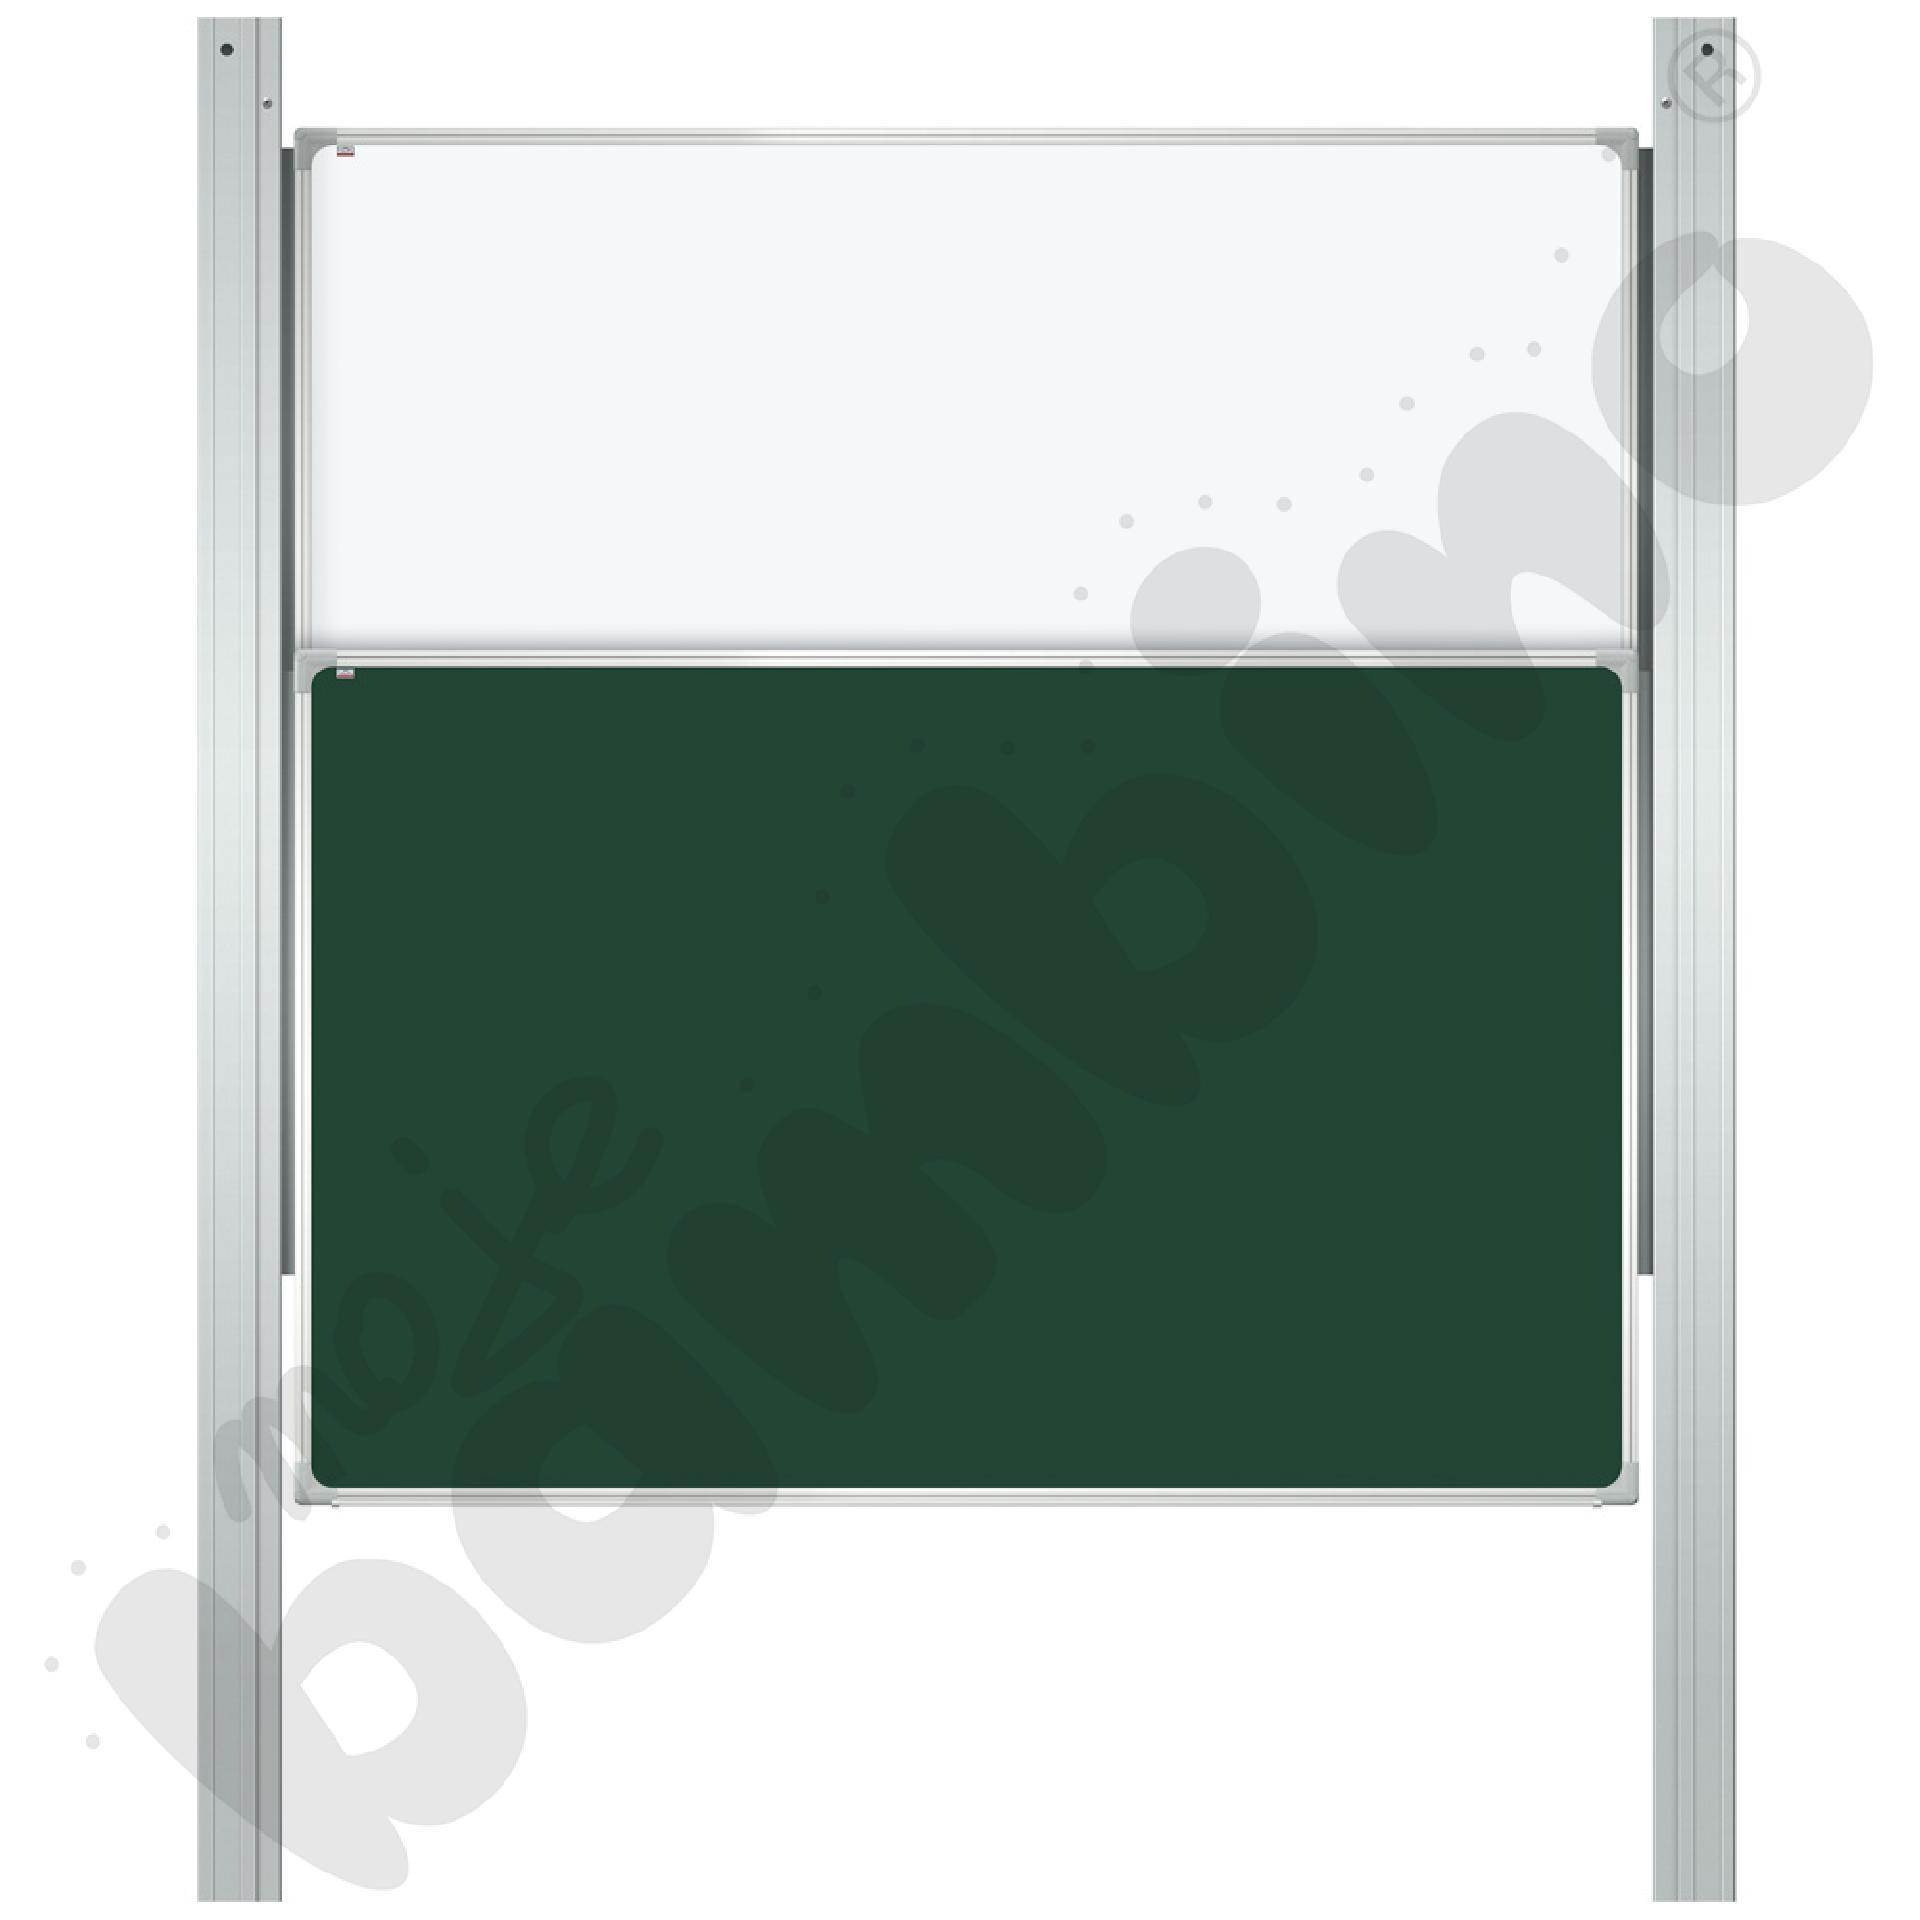 Tablica kolumnowa kredowa - suchościeralna, 200 x 120 cm